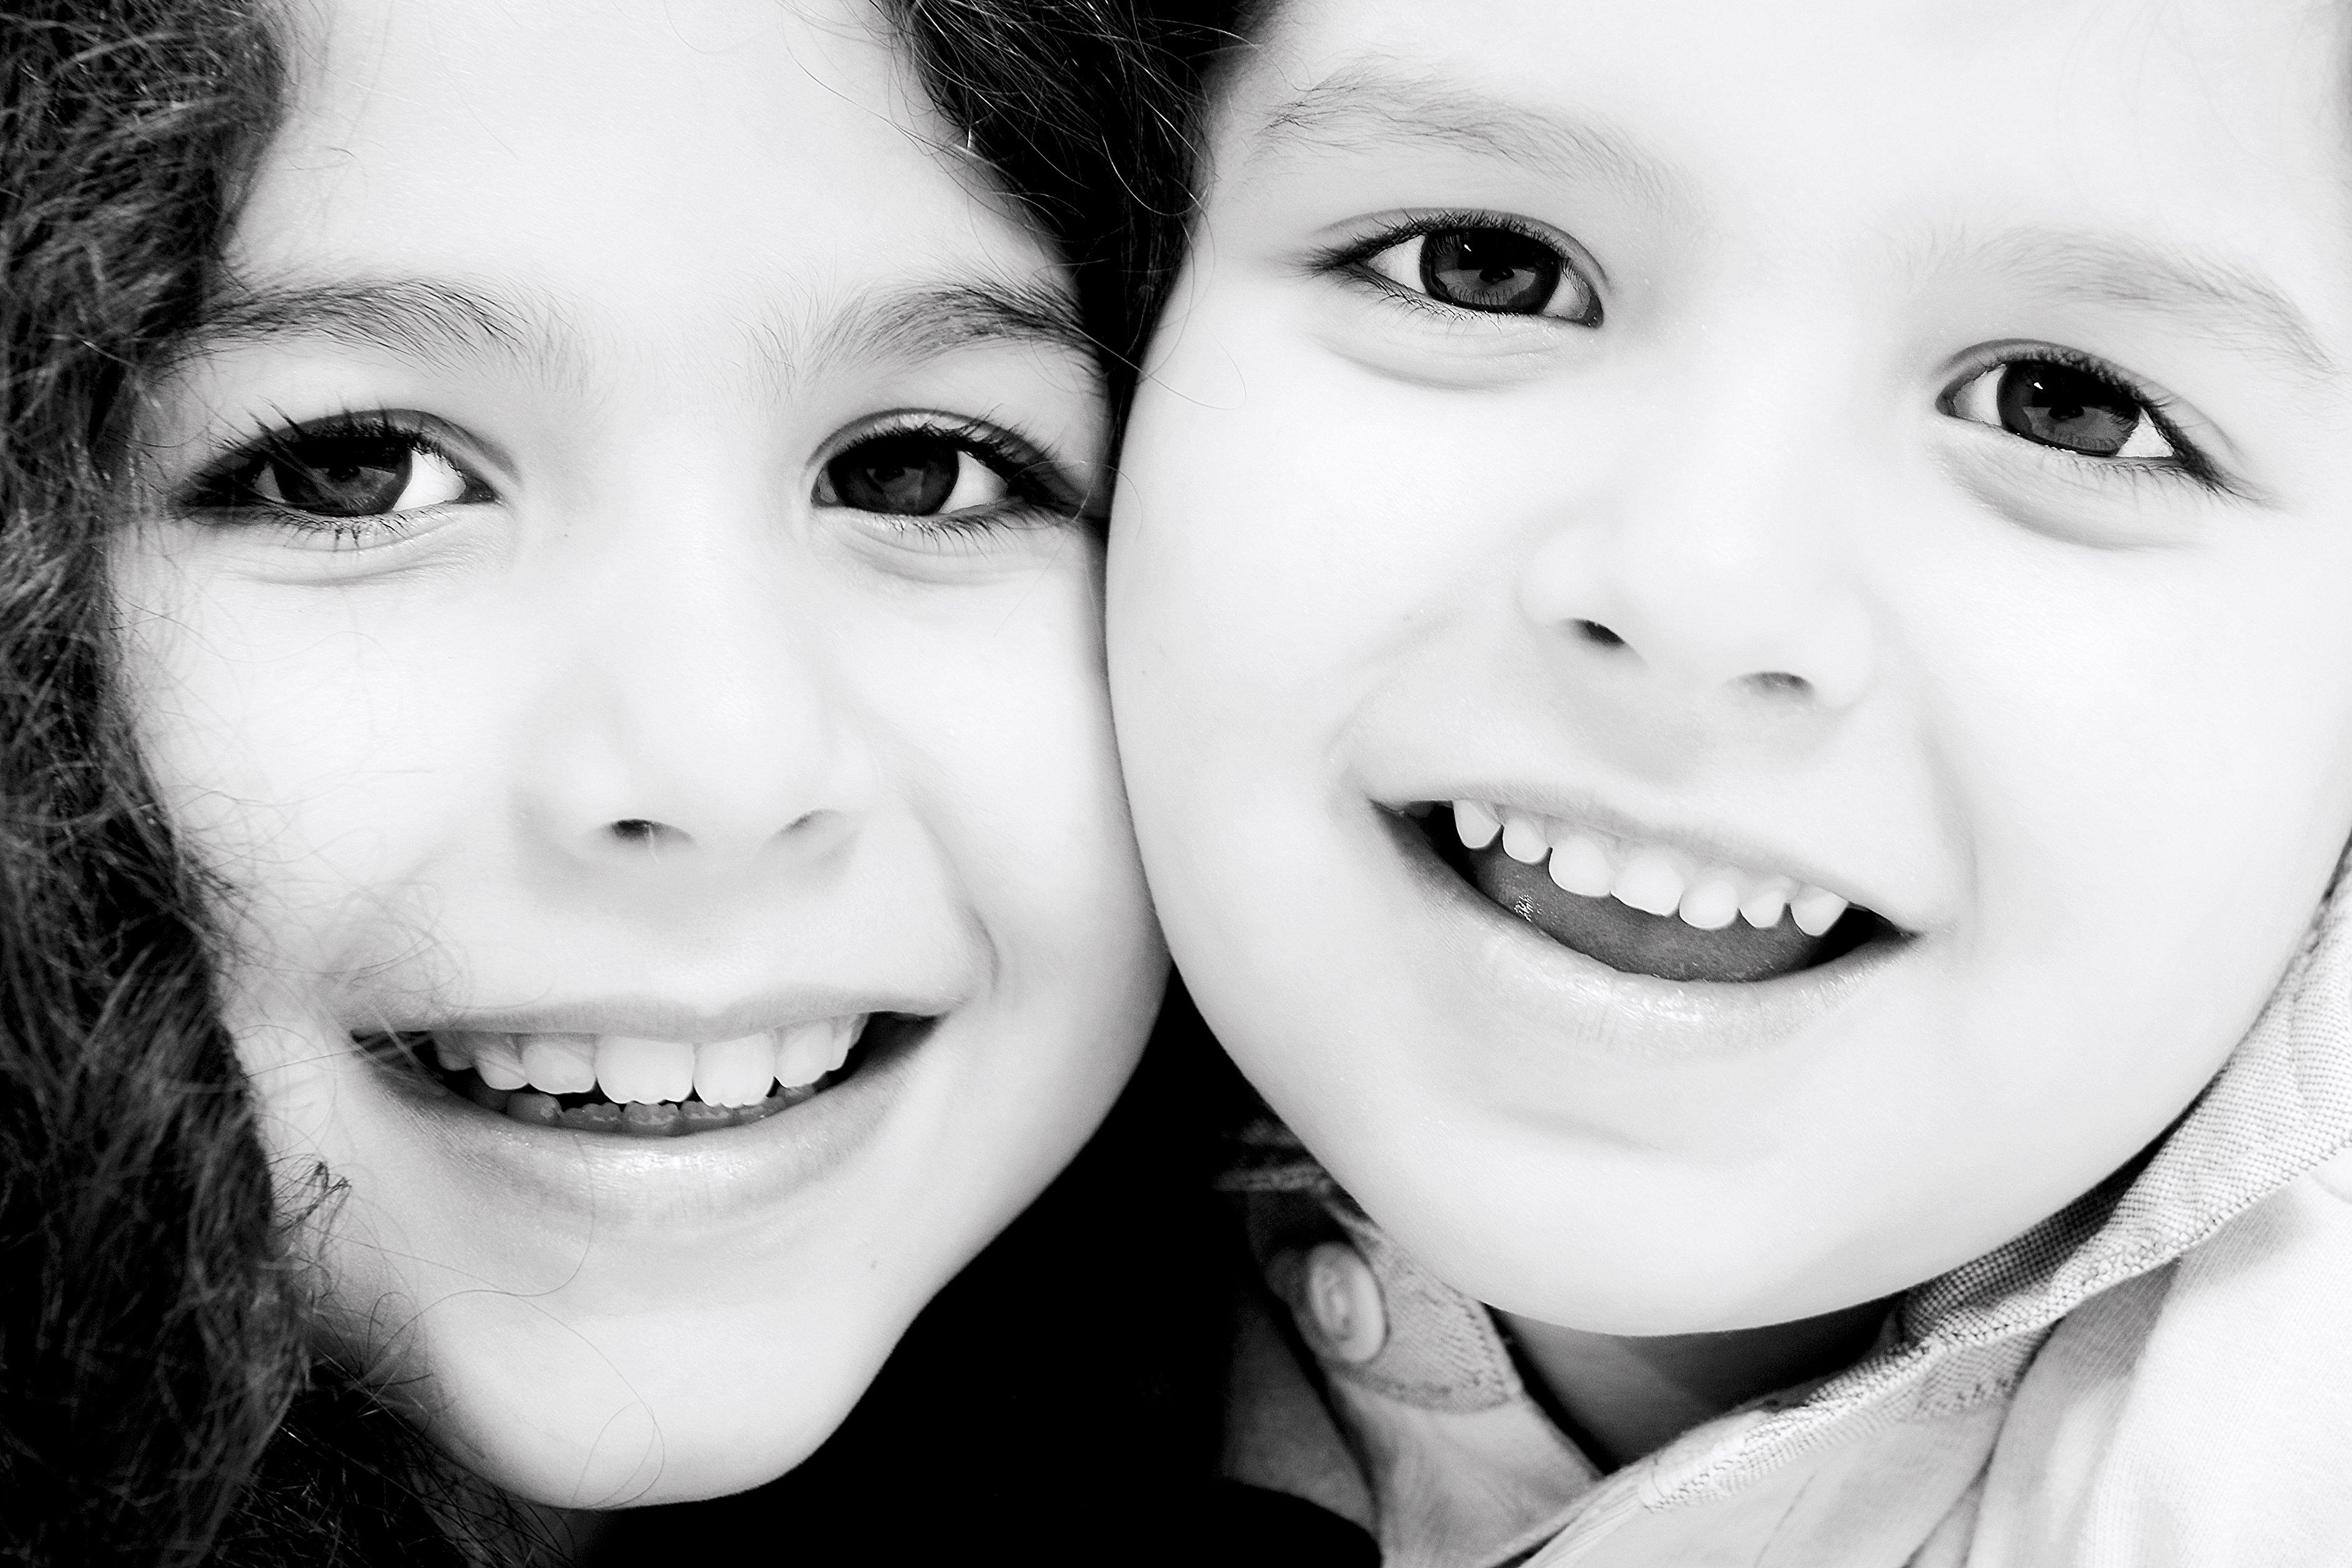 un'immagine di un bambino e una bambina sorridenti